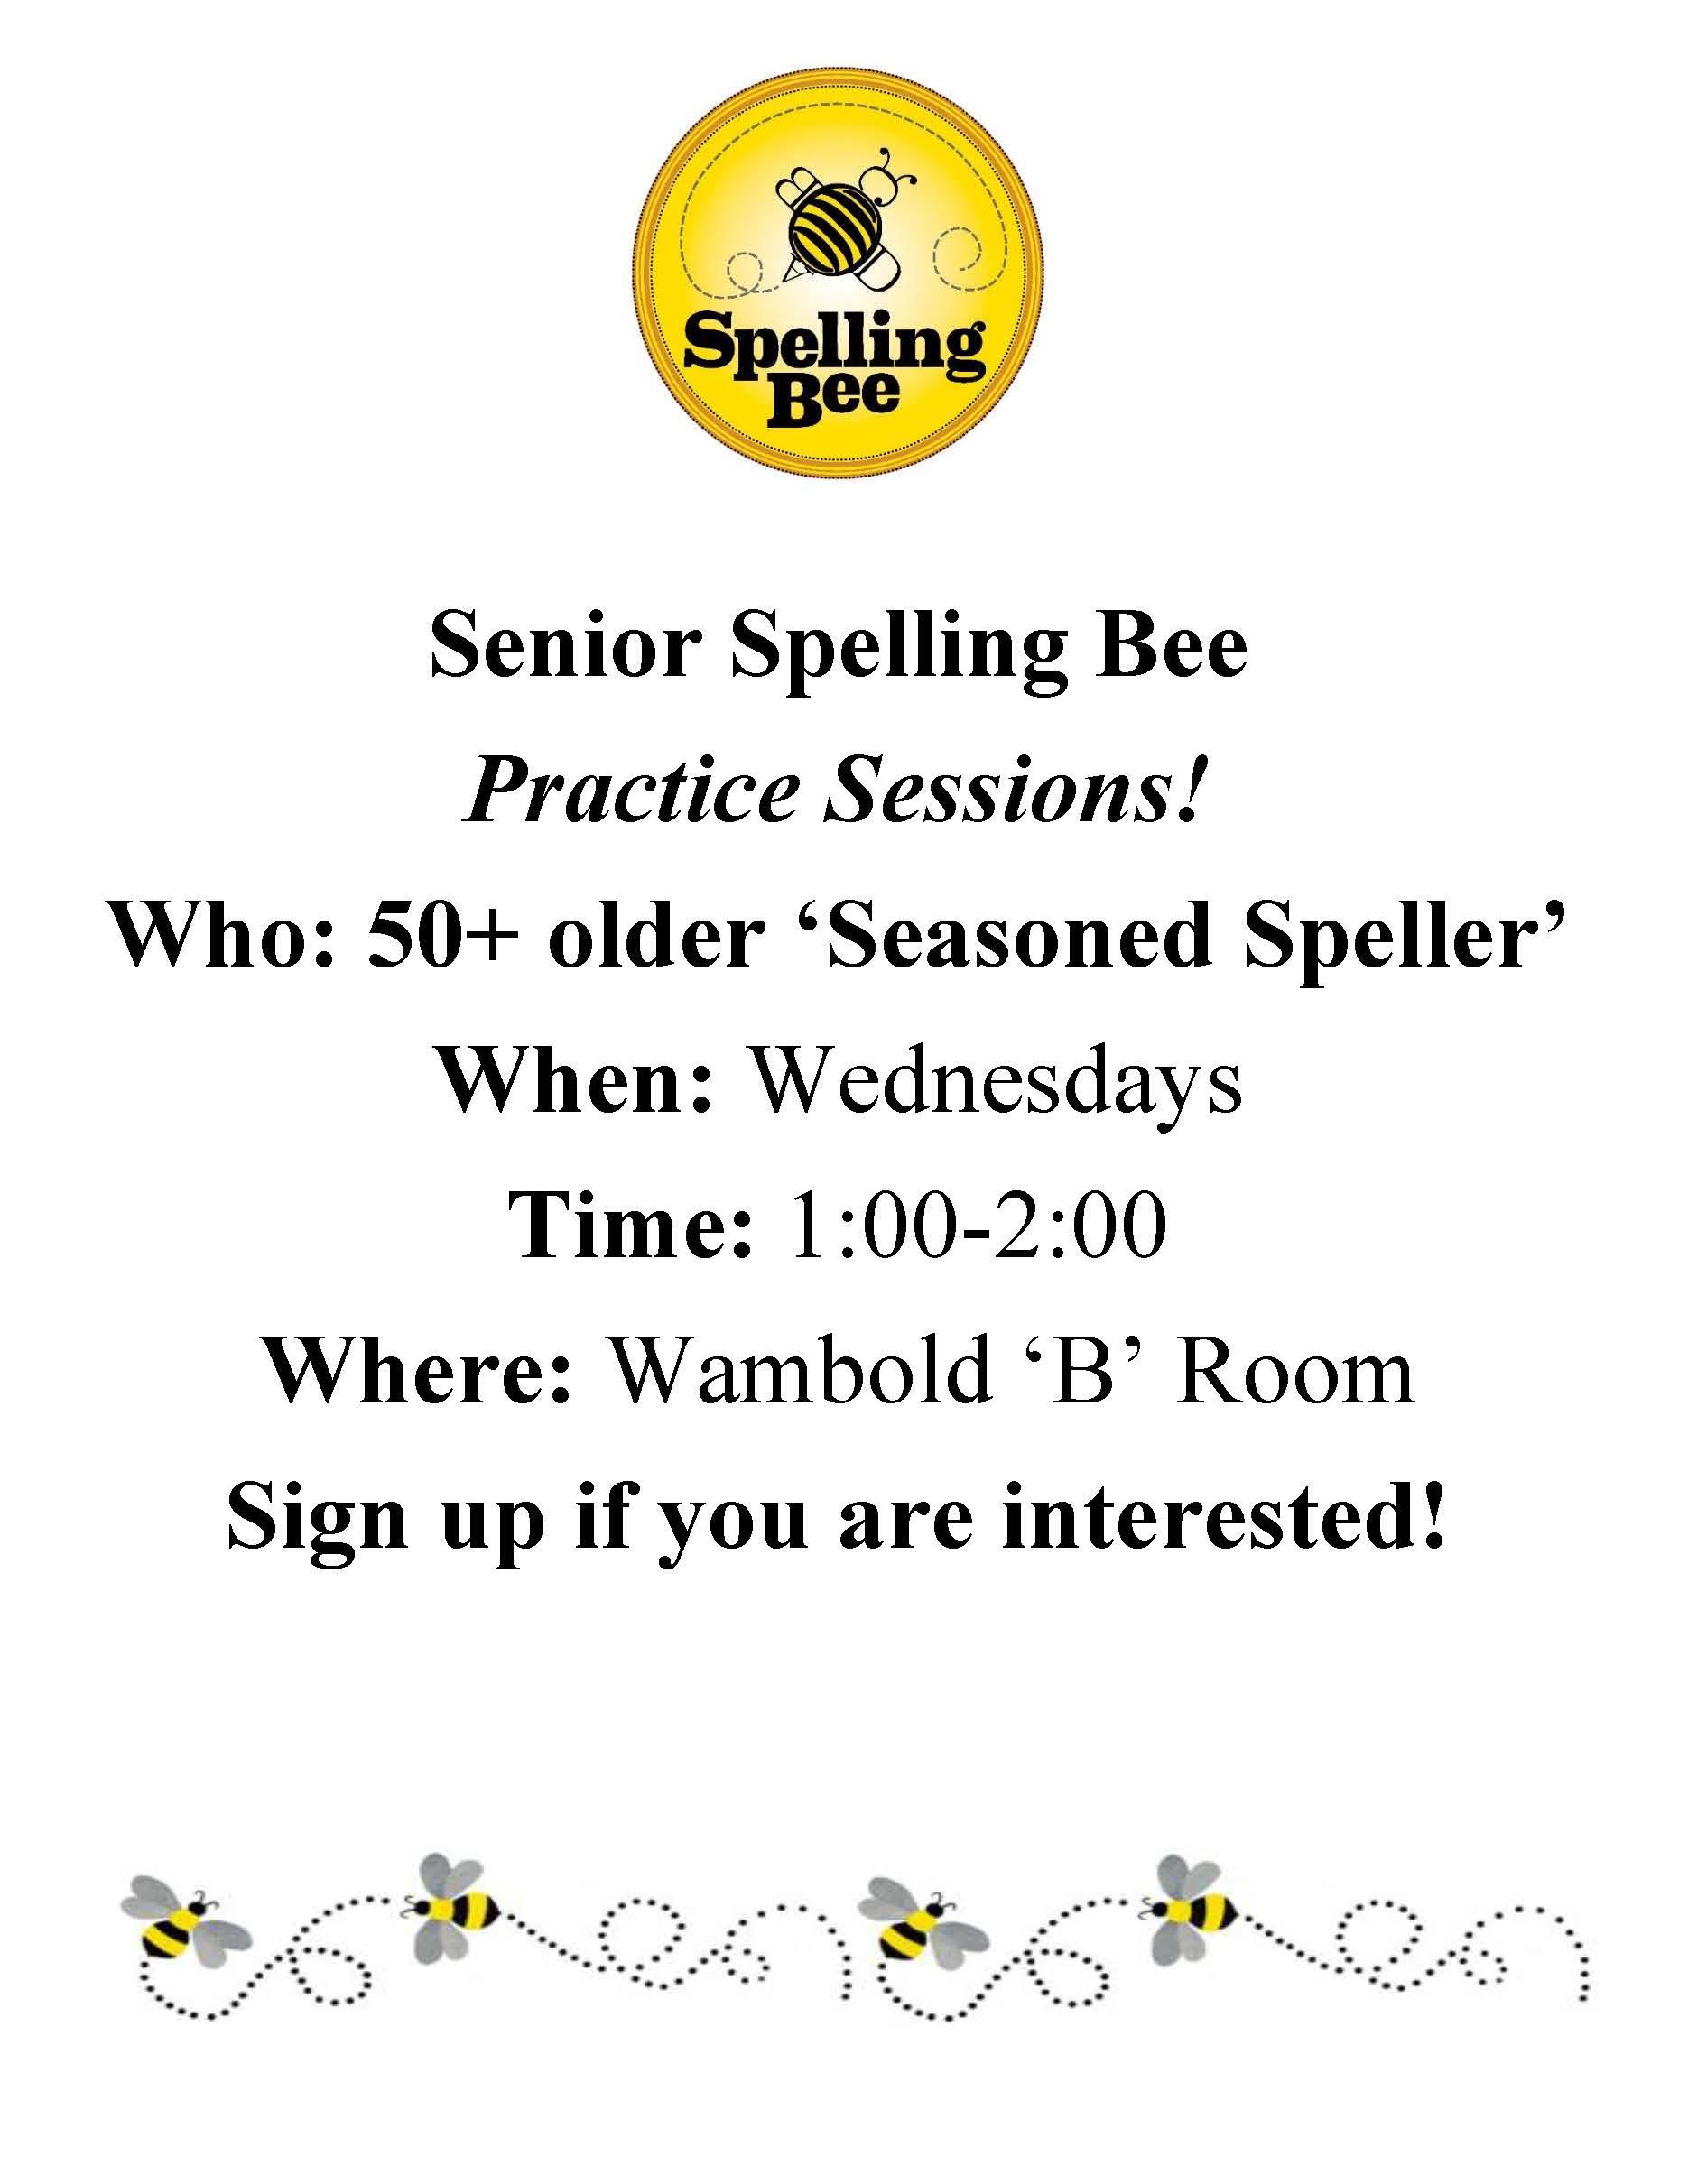 Senior Spelling Bee practice.jpg